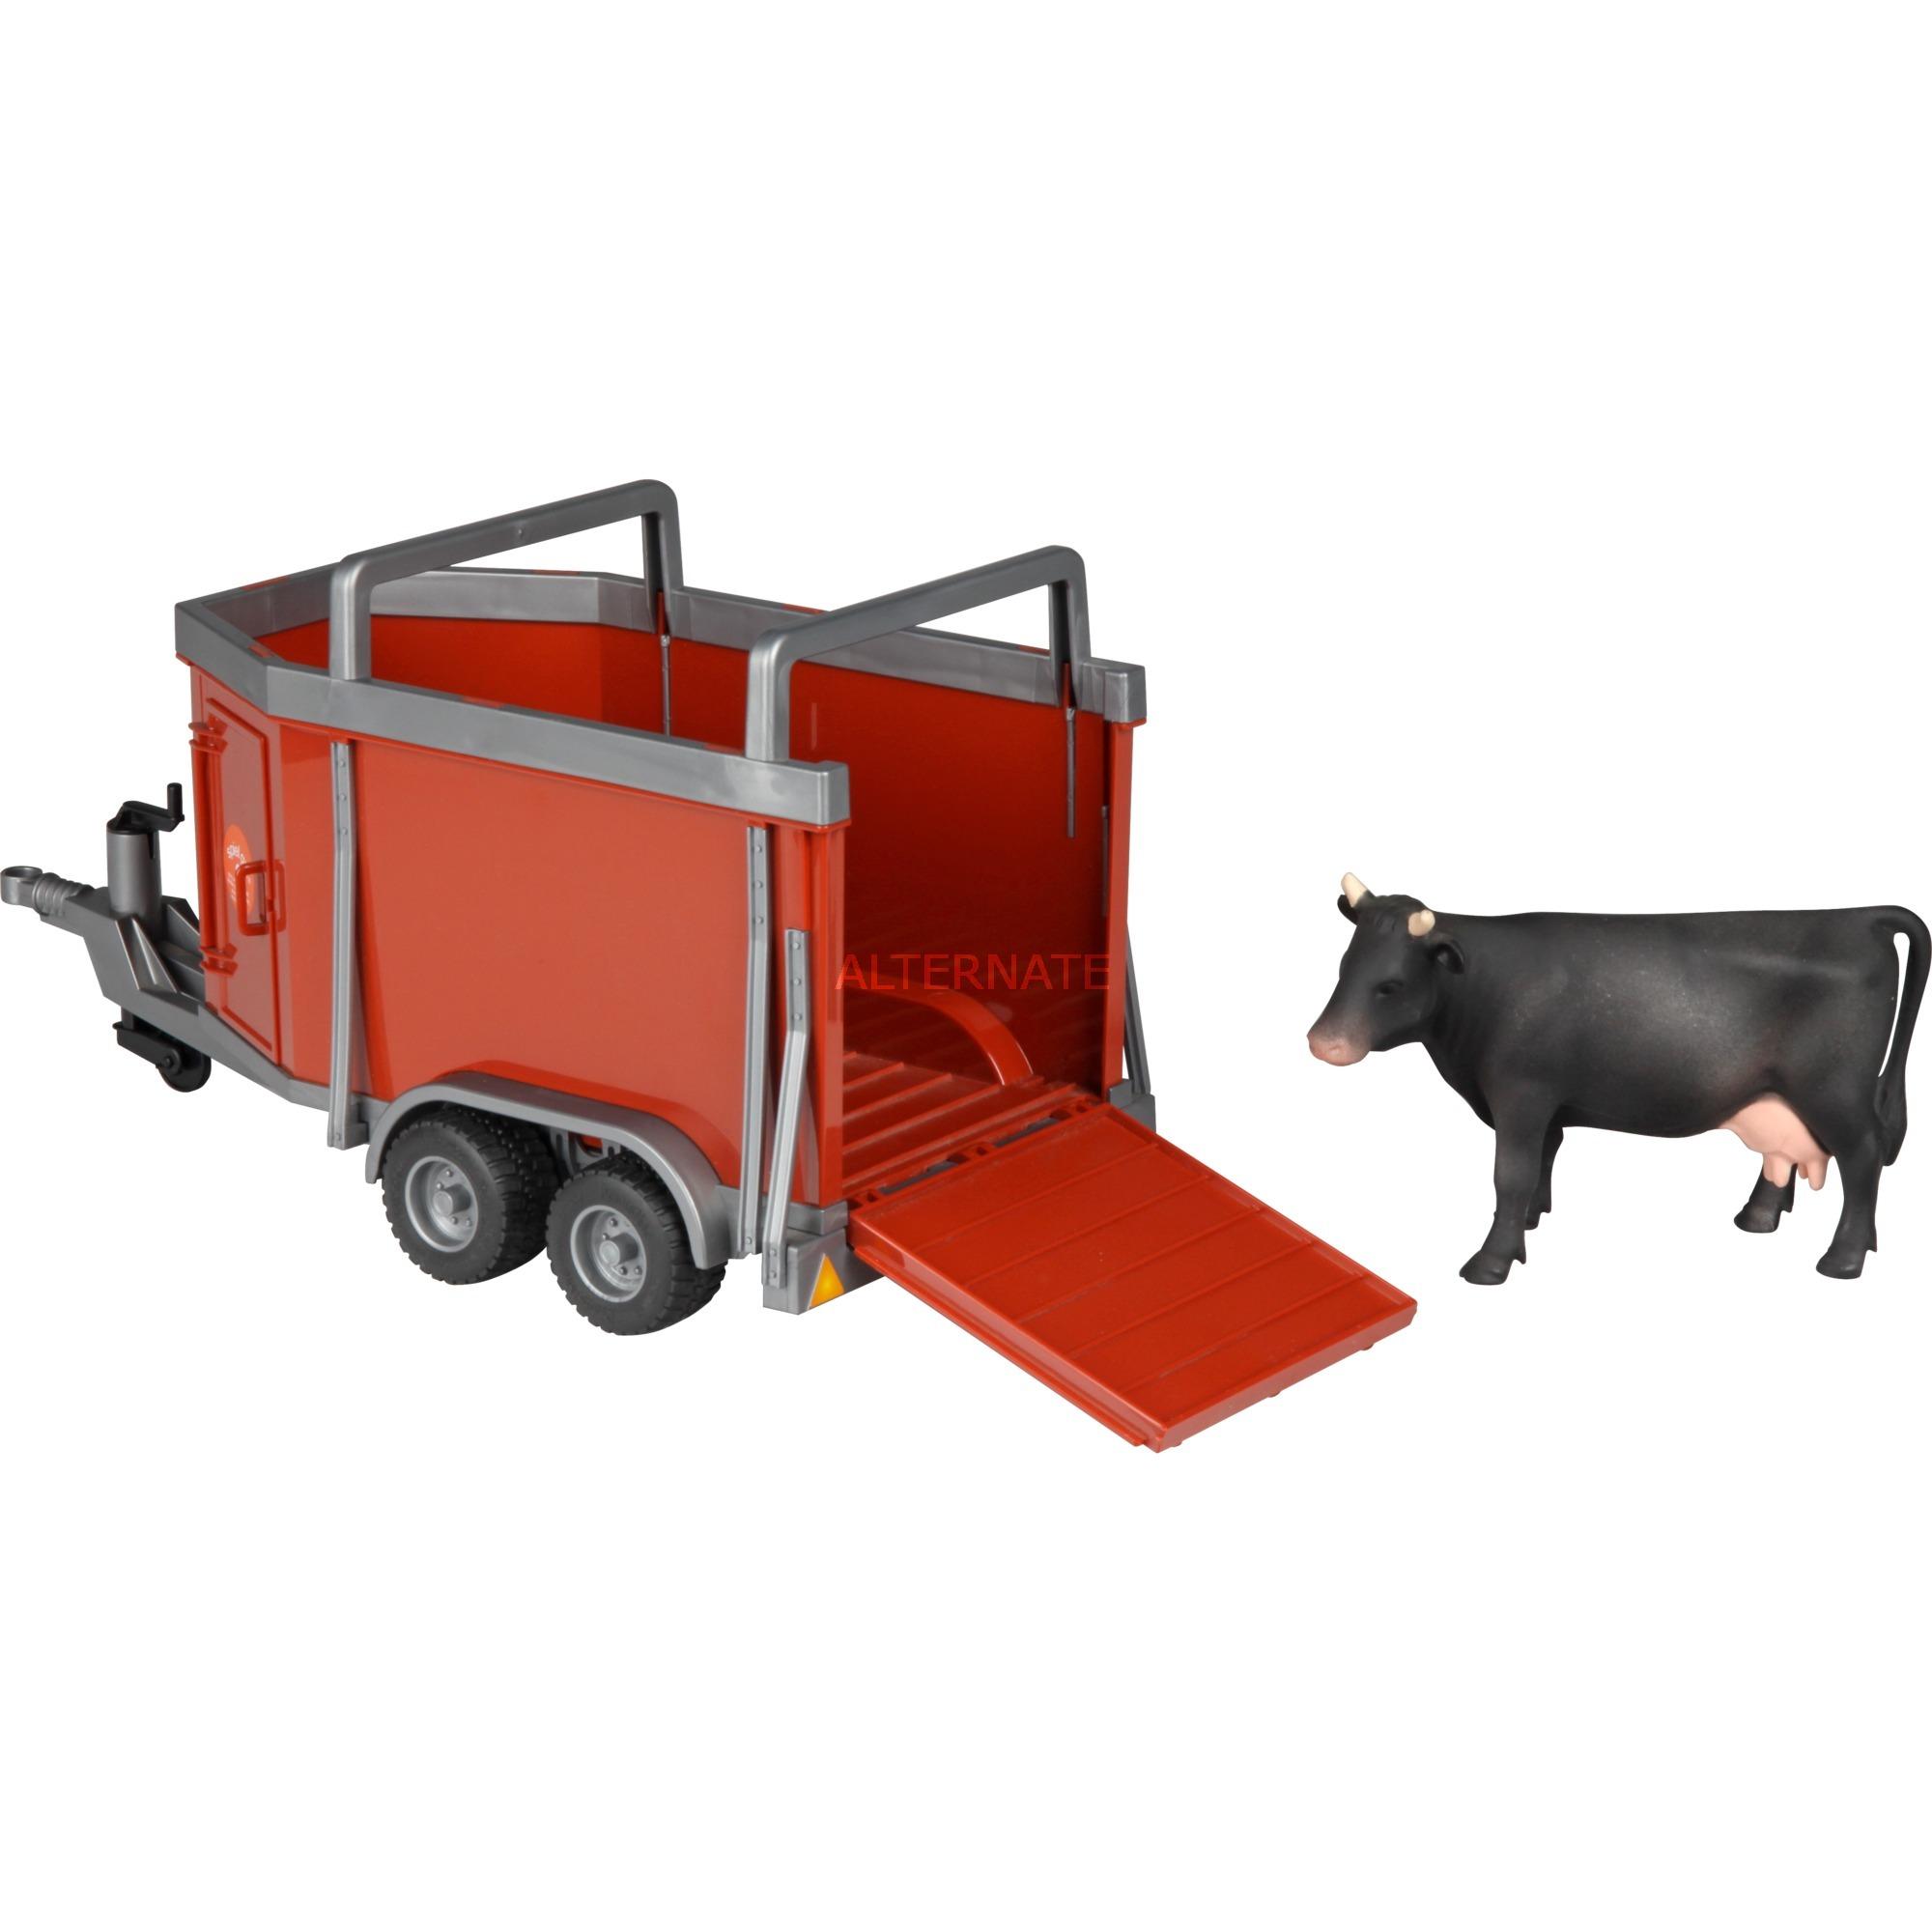 02029 ABS sintéticos vehículo de juguete, Automóvil de construcción